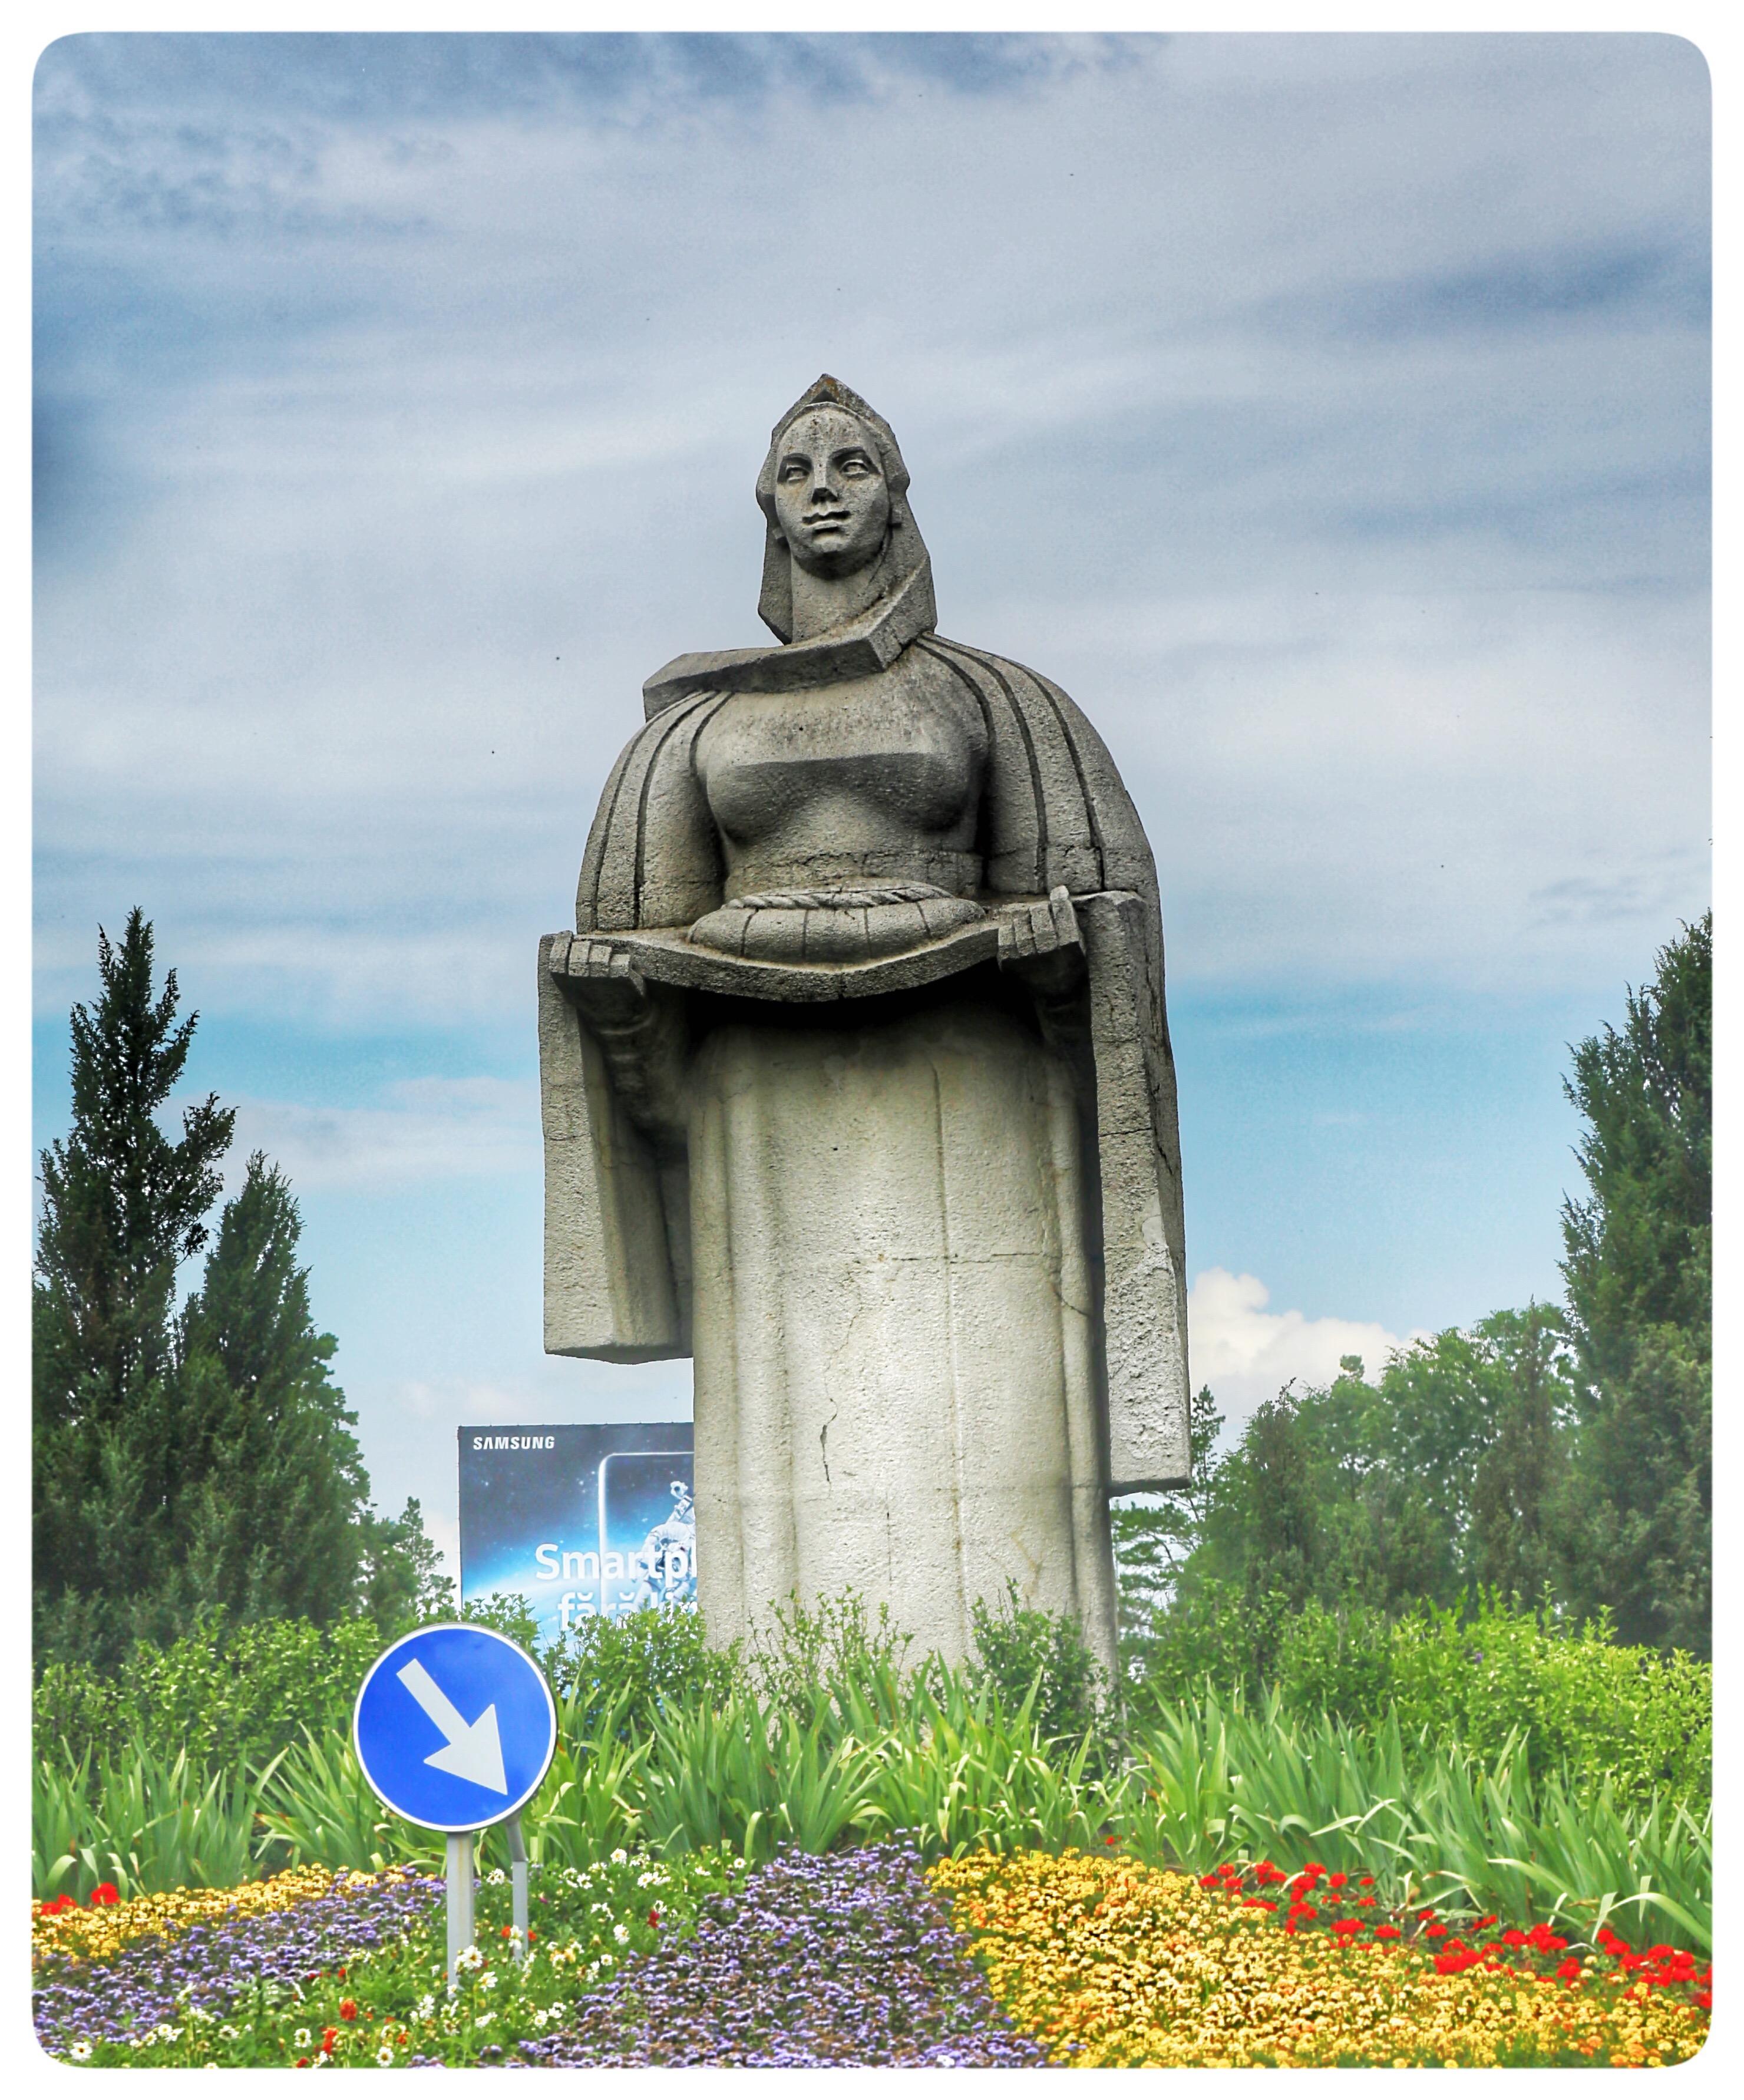 ÎÏÎ¿ÏέλεÏμα εικÏÎ½Î±Ï Î³Î¹Î± balti moldova in july